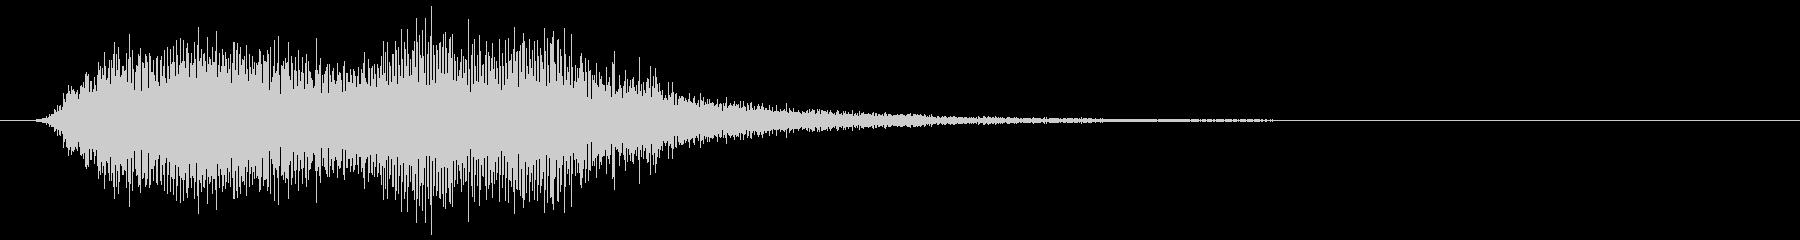 ボワァン SF風モニターを点ける音1の未再生の波形